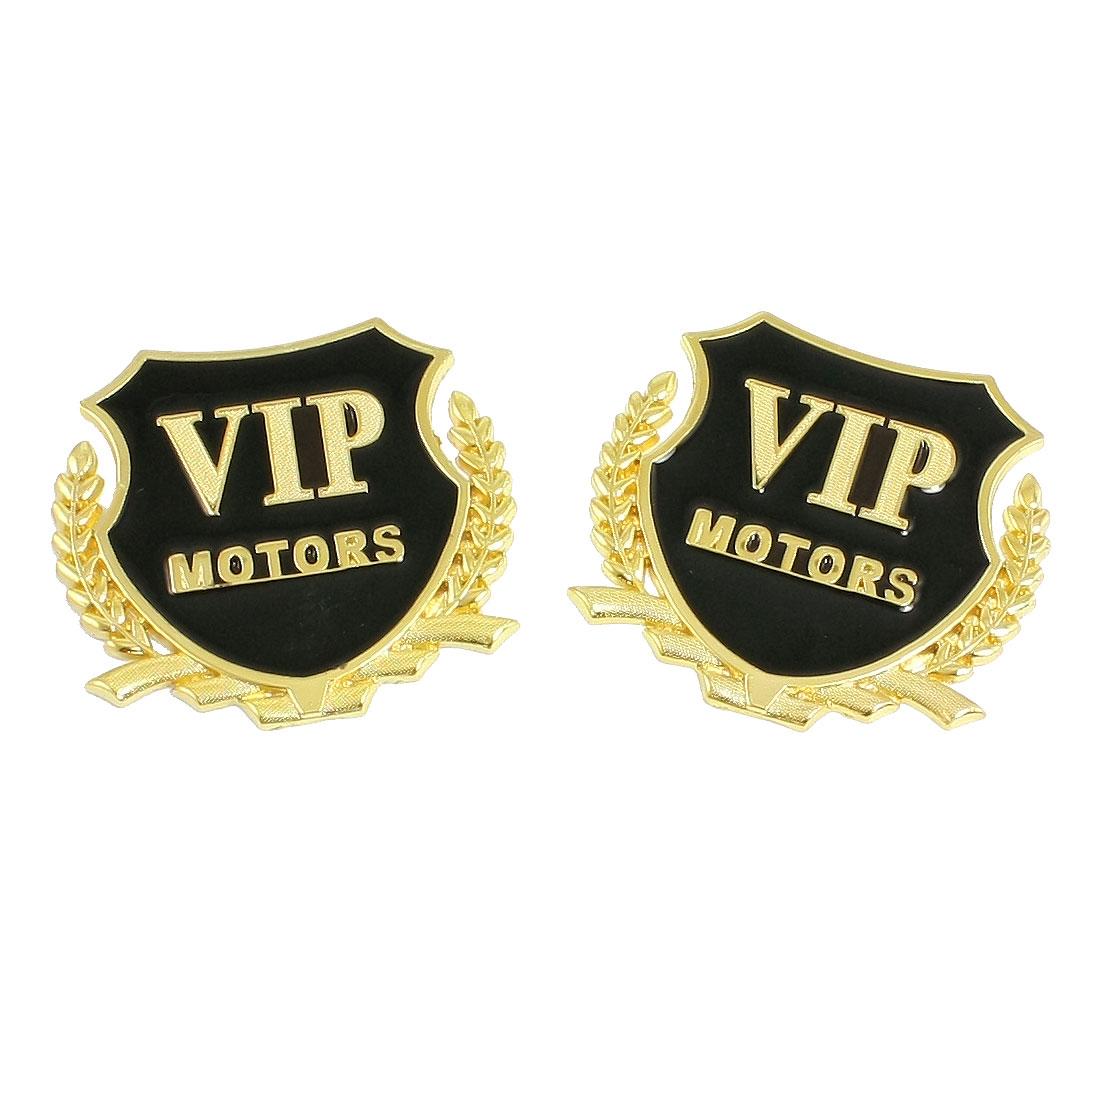 Unique Bargains Unique Bargains 2 x Car Exterior Decor 3D VIP Letters Decal Badge Sticker Emblem Gold Tone Black